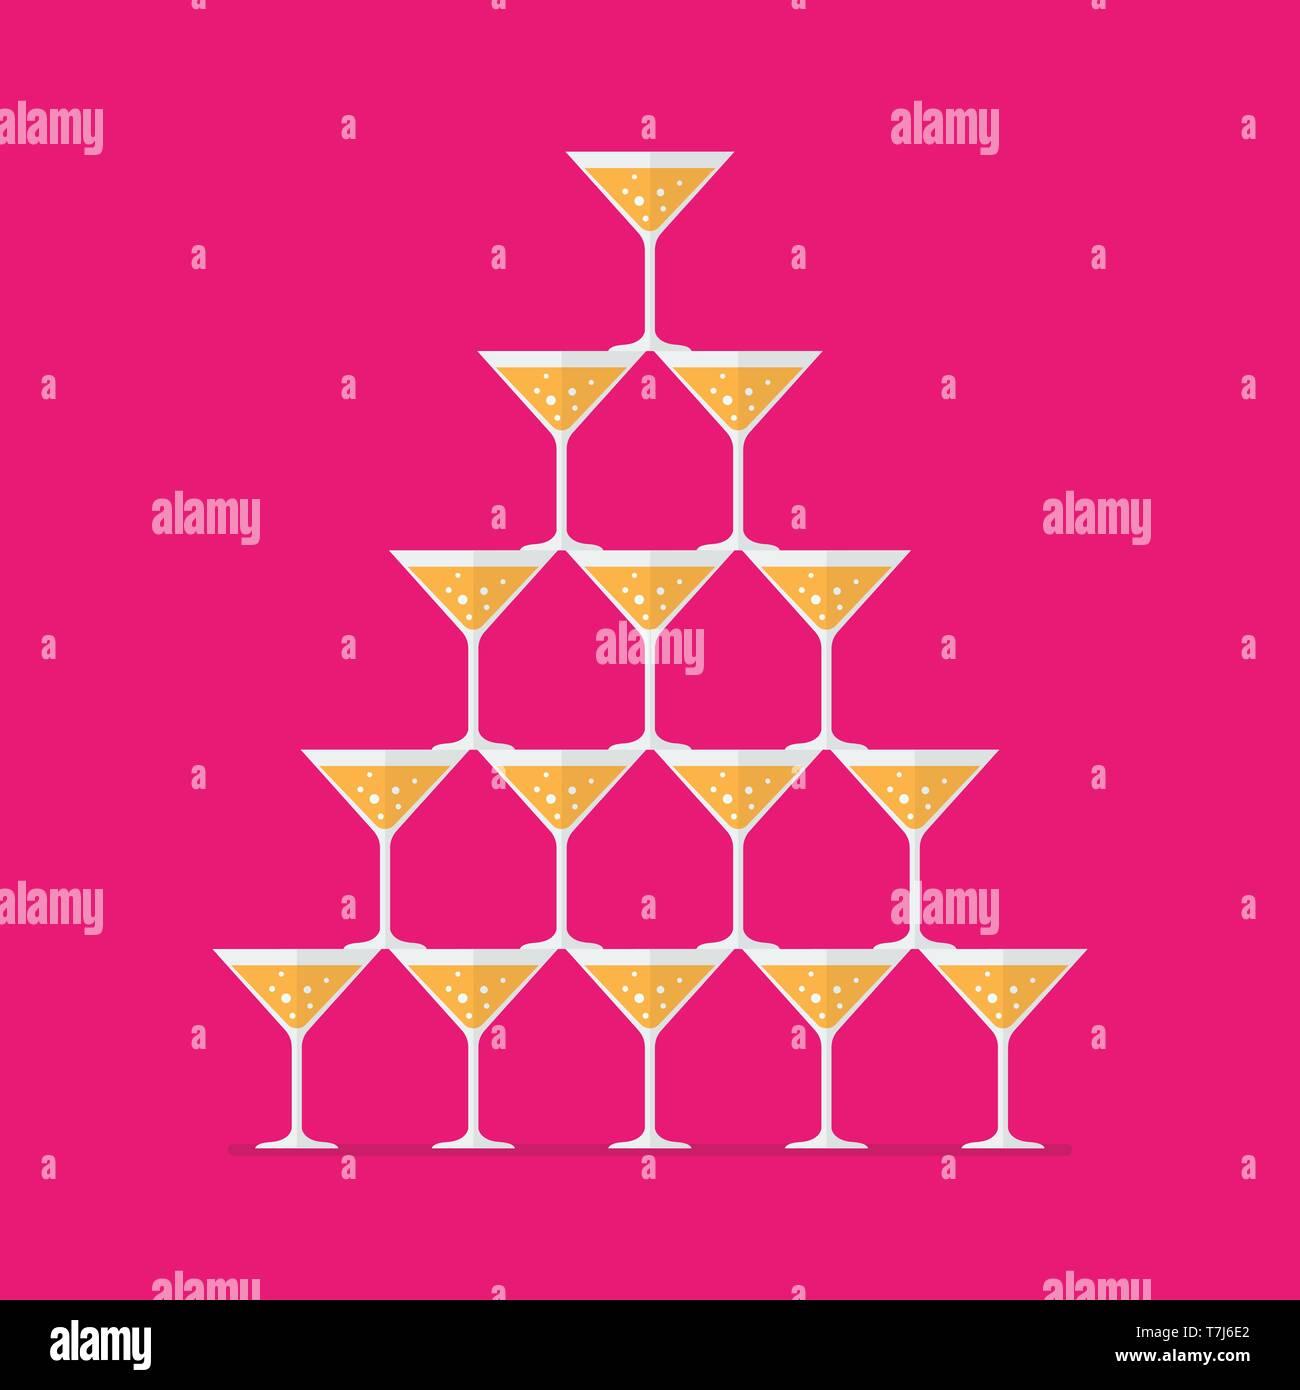 b997ea537 Vasos de cóctel apiladas en una torre piramidal. Ilustración vectorial  Imagen De Stock